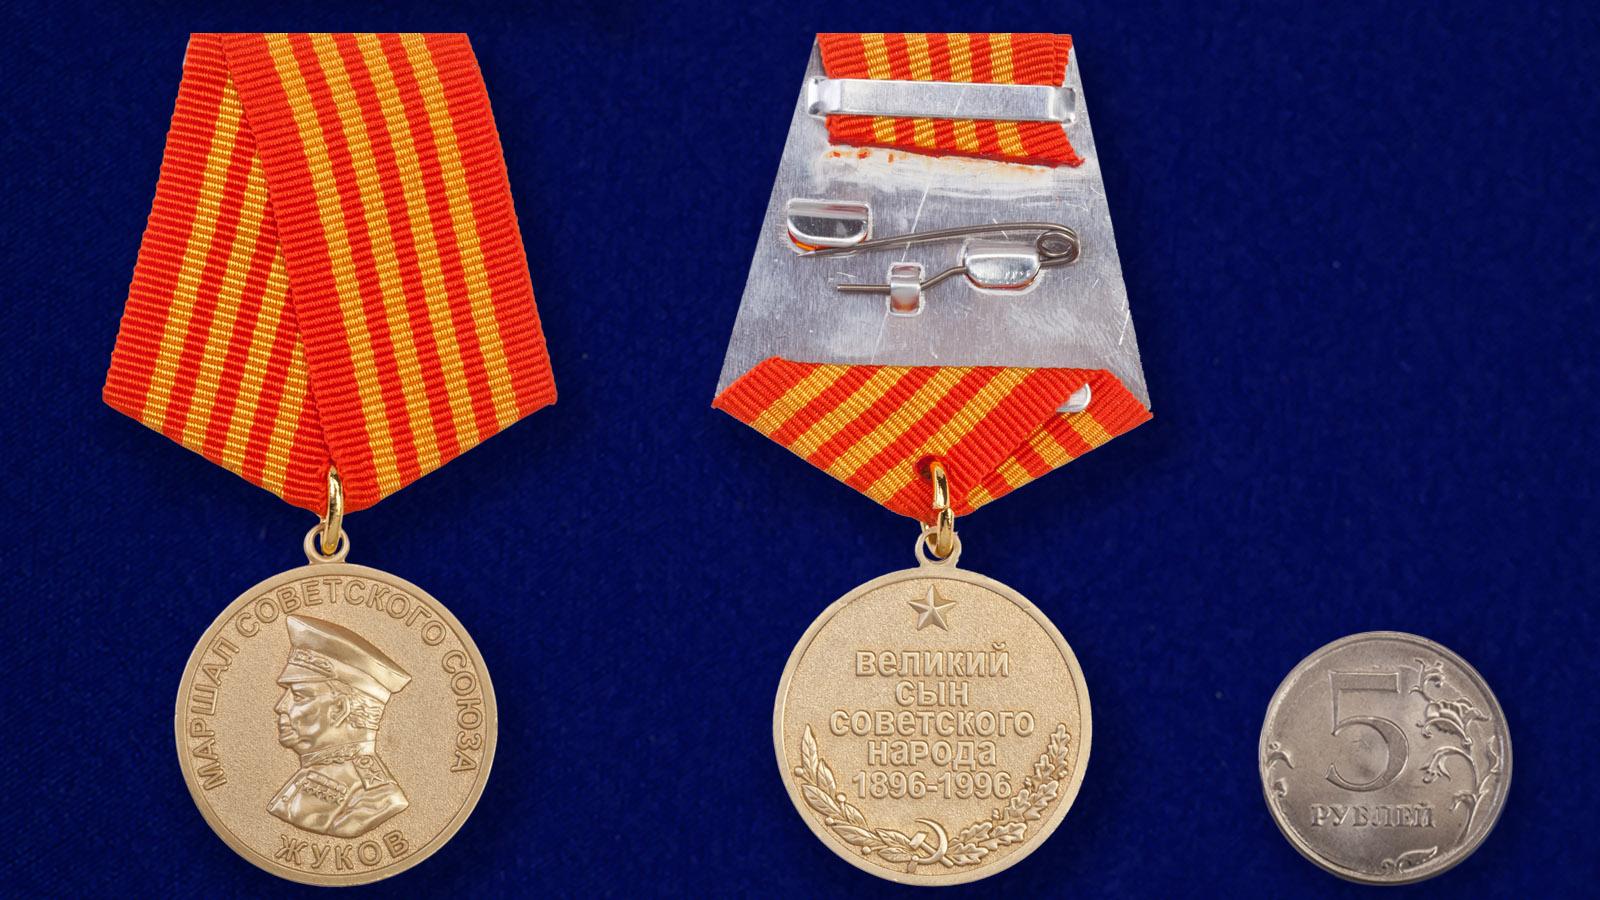 """Купить медаль """"Жуков. 1896-1996"""" - сравнительный размер"""